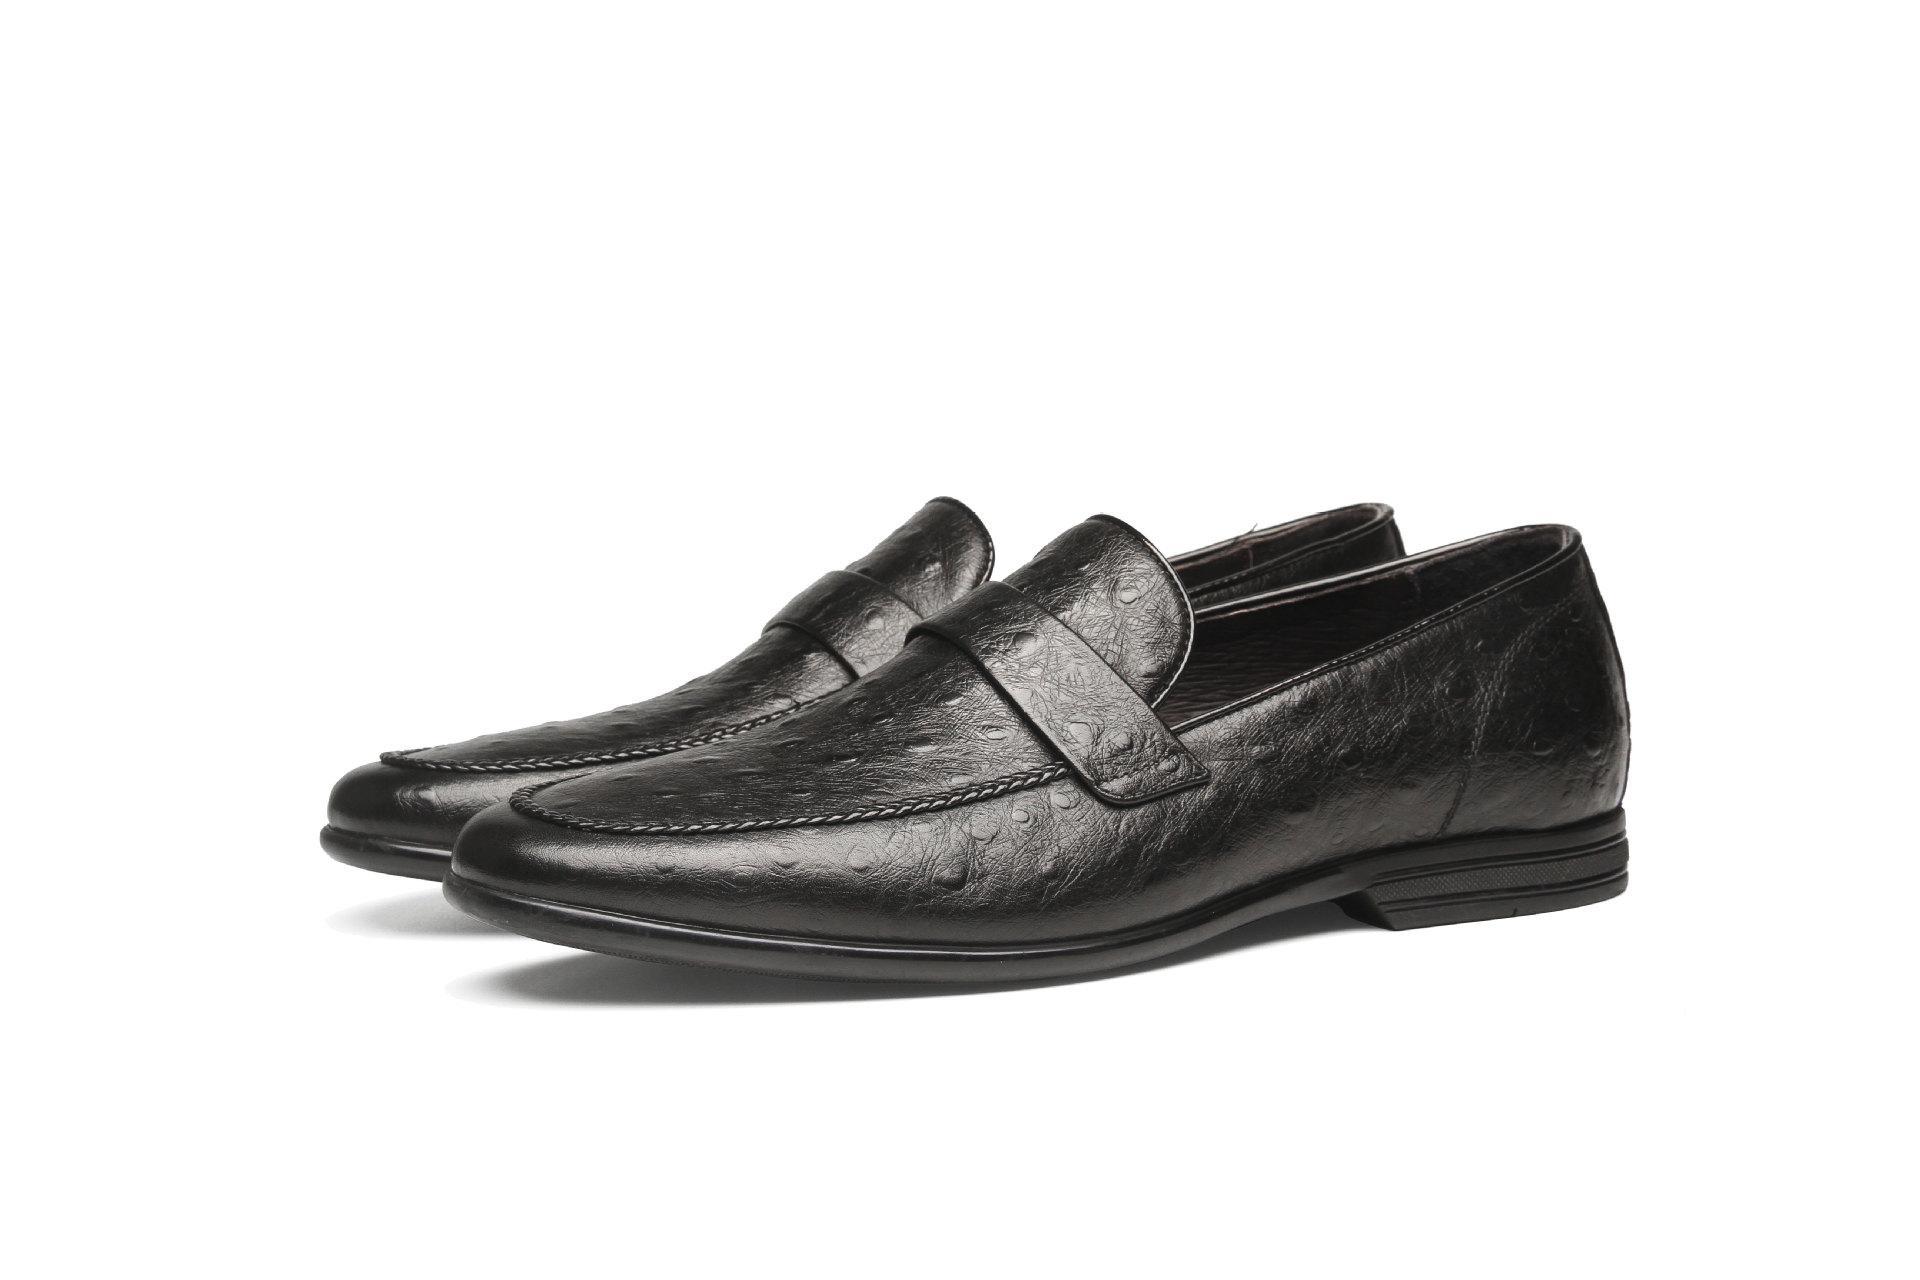 Männer Schuhe Business Formale Tragen Lederschuhe Herrengeprägte Leder Echtes Leder Komfortabel